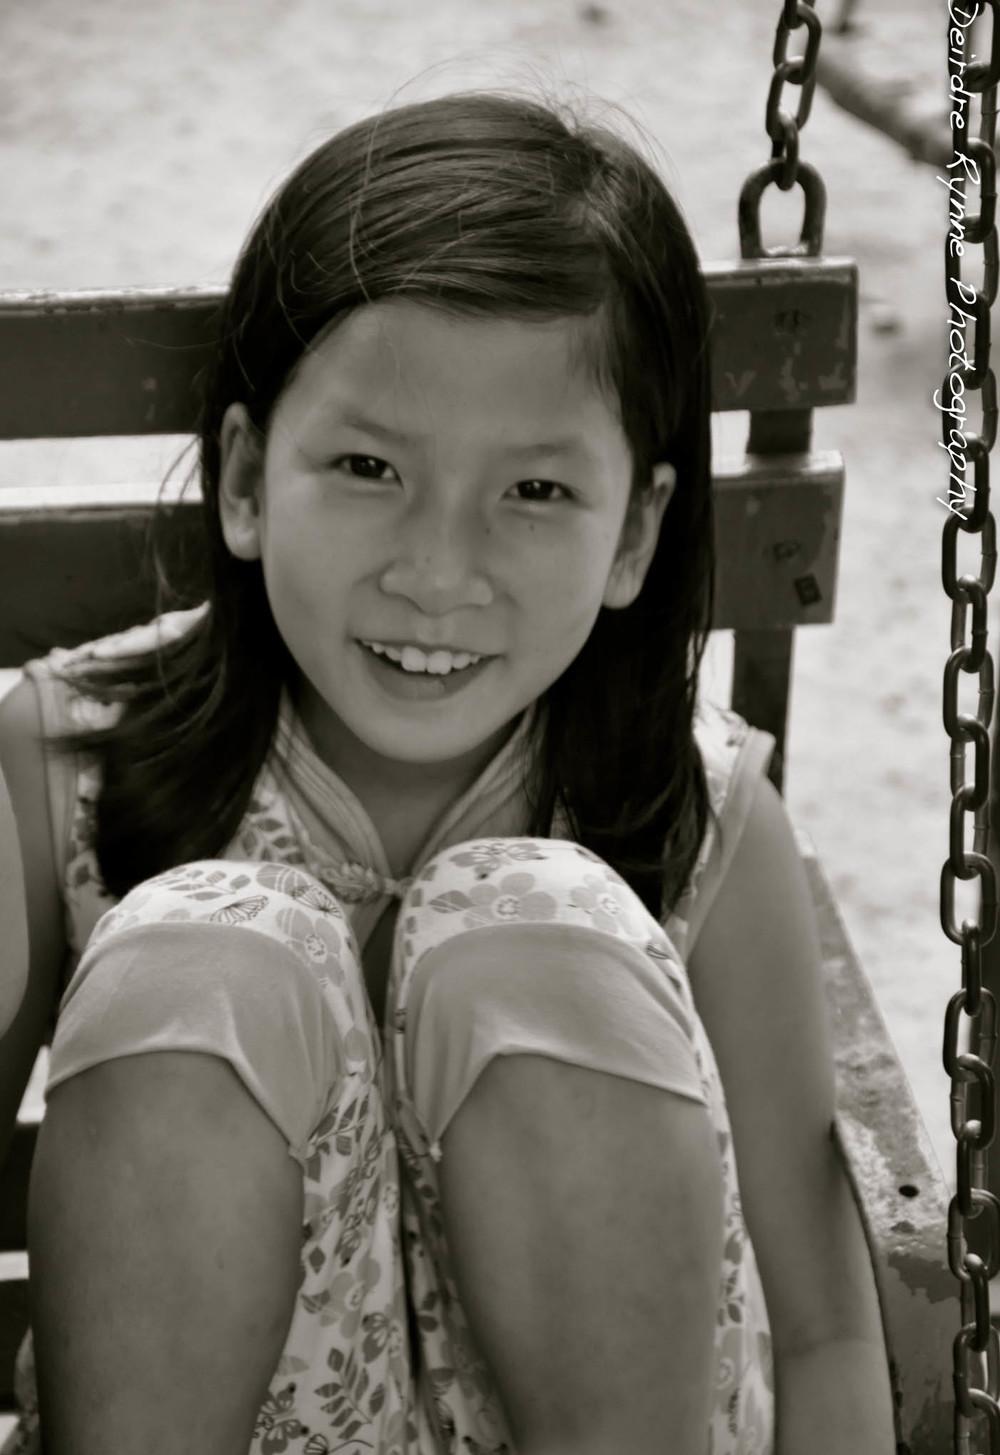 Hội An Smiles, Vietnam. August 2012